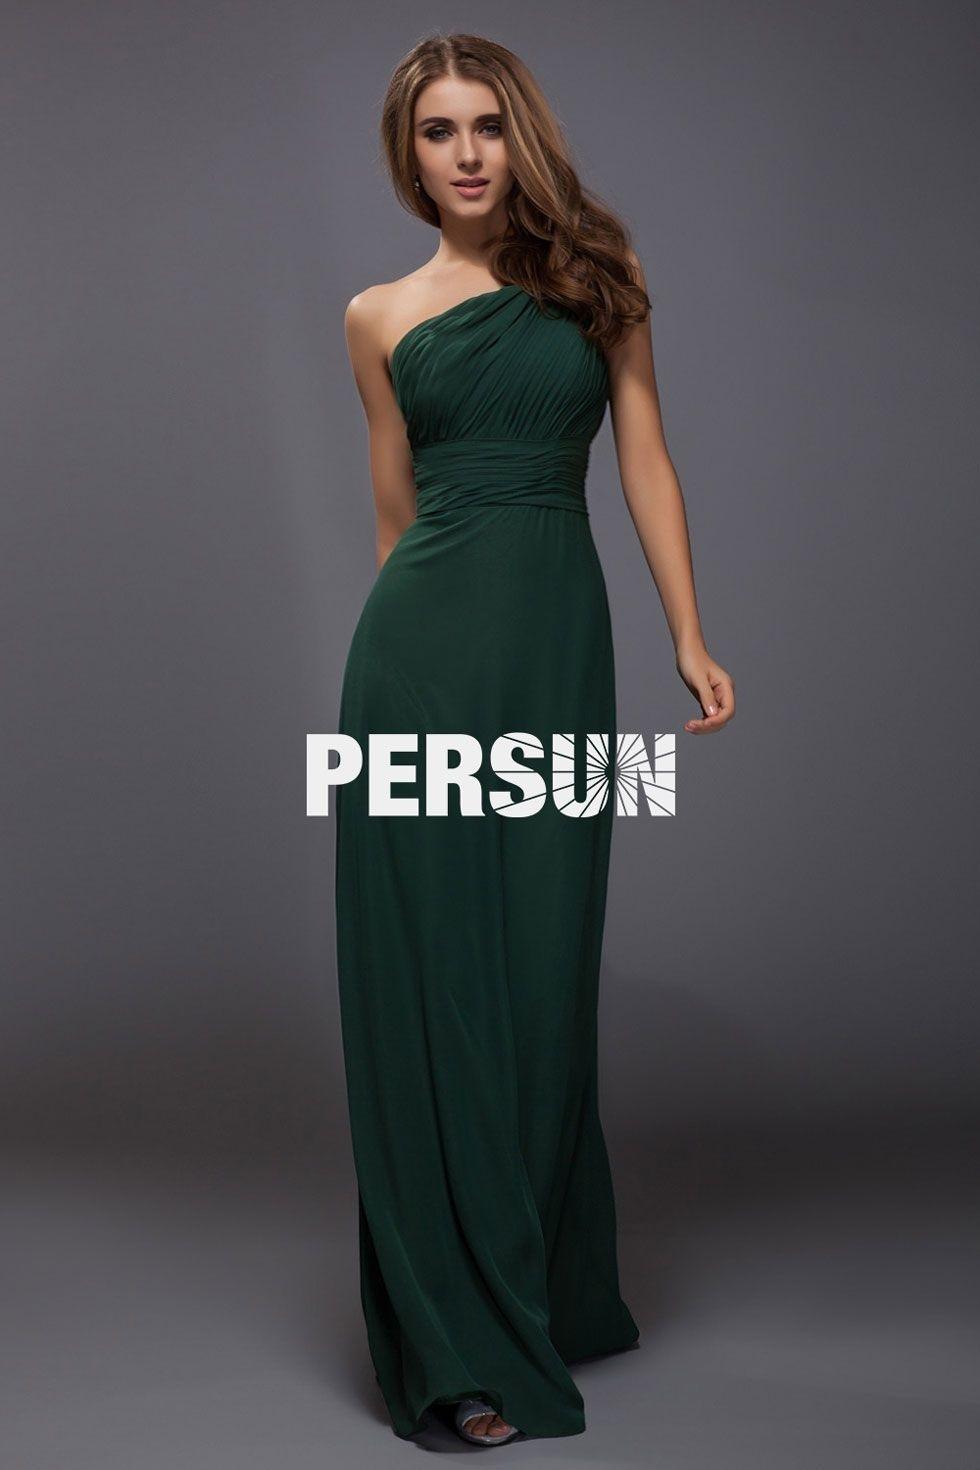 10 Fantastisch Elegante Kleider Grün Design13 Cool Elegante Kleider Grün für 2019